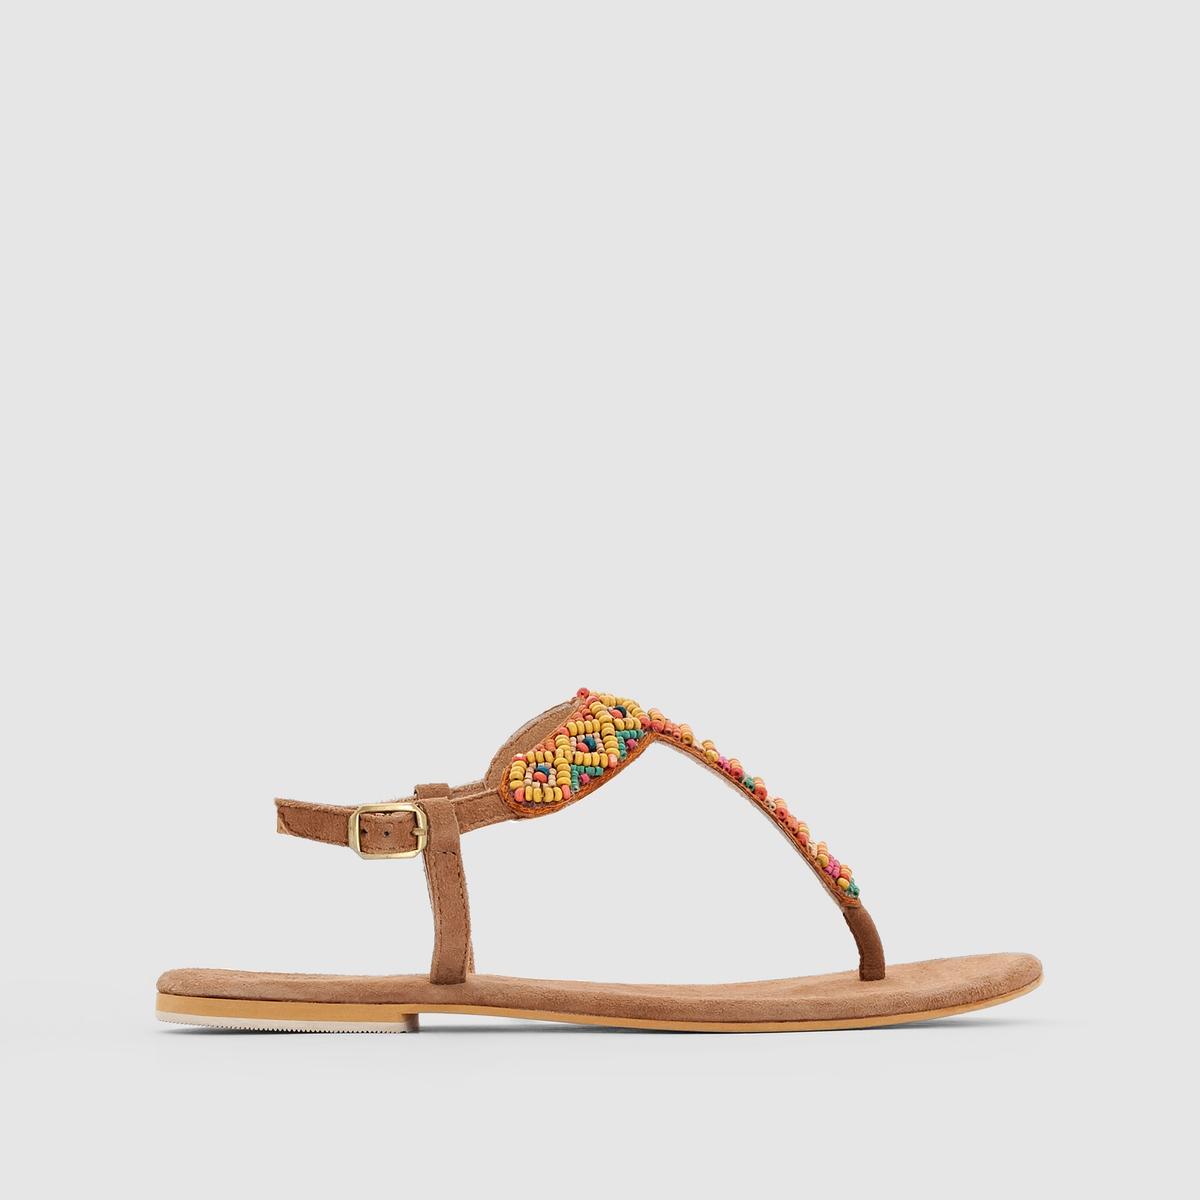 Сандалии кожаные с перемычкой между пальцами, плоский каблук, MIAMIСтильный ремешок и перемычка между пальцами, утонченные и модные линии... сандалии Coolway позволяют нашим ногам выглядеть модно : да здравствует лето!  !<br><br>Цвет: темно-бежевый,темный каштан,черный<br>Размер: 41.38.36.39.39